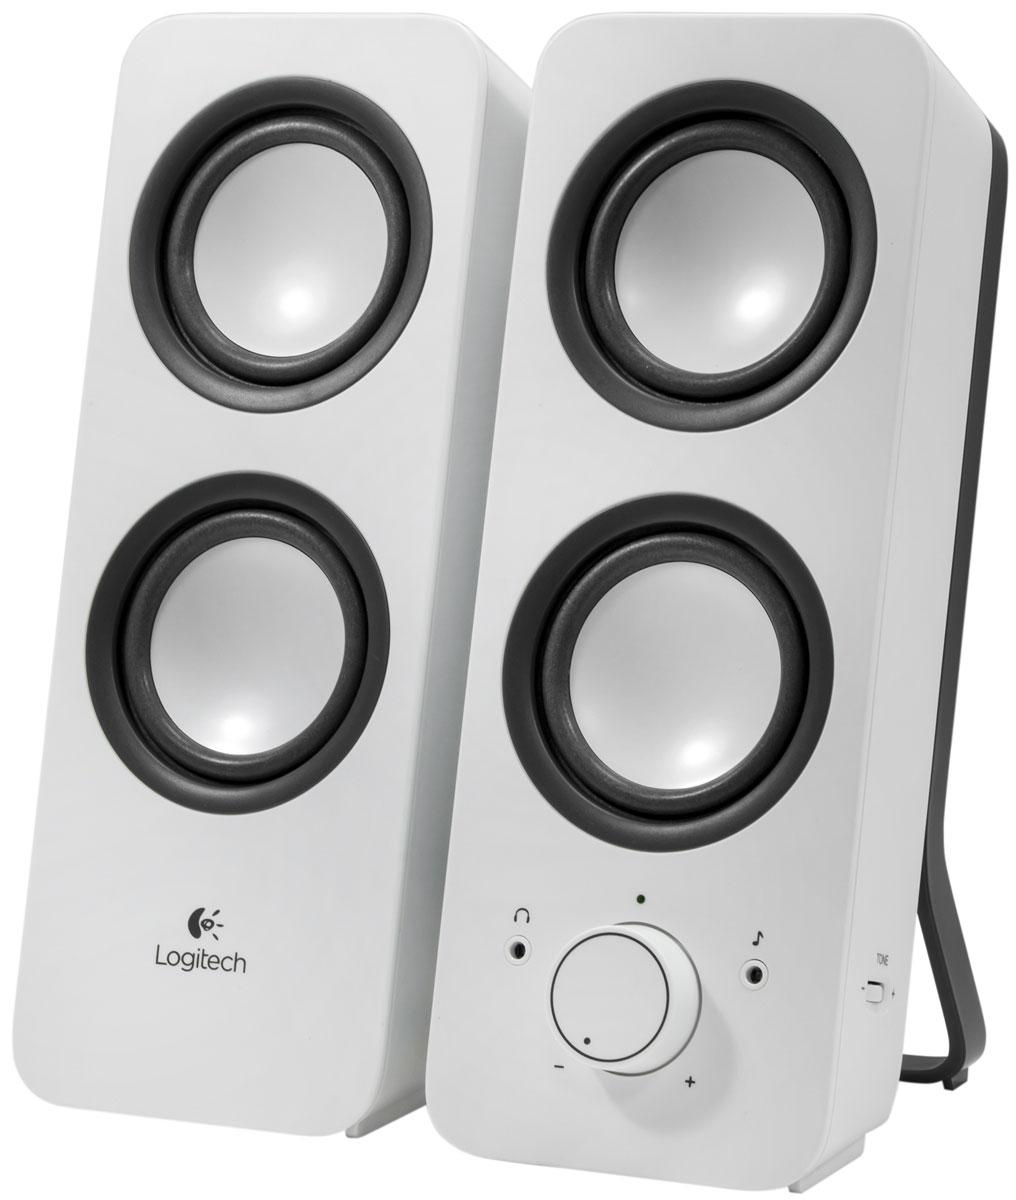 Logitech Z200, Snow White (980-000811) колонки980-000811Компактная акустическая система Logitech Z200 воспроизводит кристально-чистый звук и не требует много места на столе. Выходная мощность 10 Вт позволяет наслаждаться громкостью звука, когда вы смотрите фильмы, слушаете музыку или играете в игры. Управление системой и разъем для наушников вынесены на лицевую панель одной из колонок. Почувствуйте ритм Эти стереоколонки с пиковой мощностью в 10 Вт дают насыщенный, чистый и мощный стереозвук и обеспечивают великолепную акустику во всей комнате. Все управление под рукой На передней панели находятся совмещенные регулятор громкости и выключатель питания, разъем для наушников и дополнительный вход. Регулировка басов Поверните регулятор частот на боку мультимедийной колонки, чтобы добавить басов.